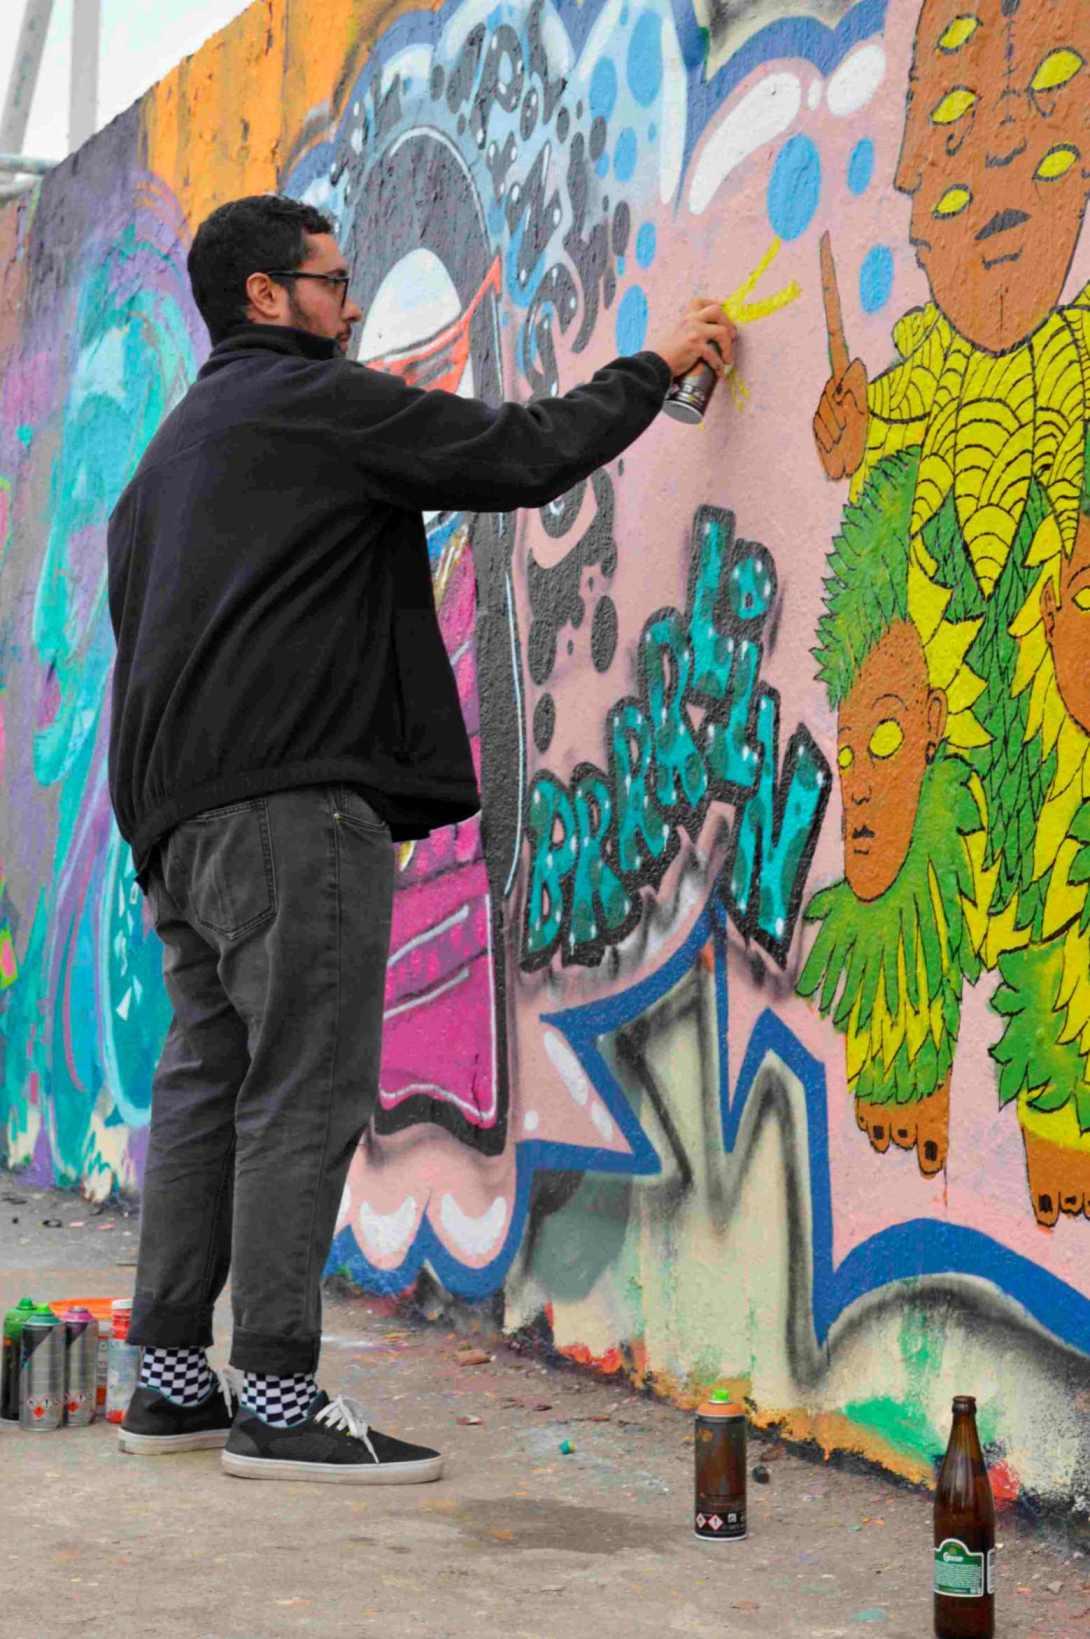 Mauerpark Berlin die Wand zum sprayen ueben